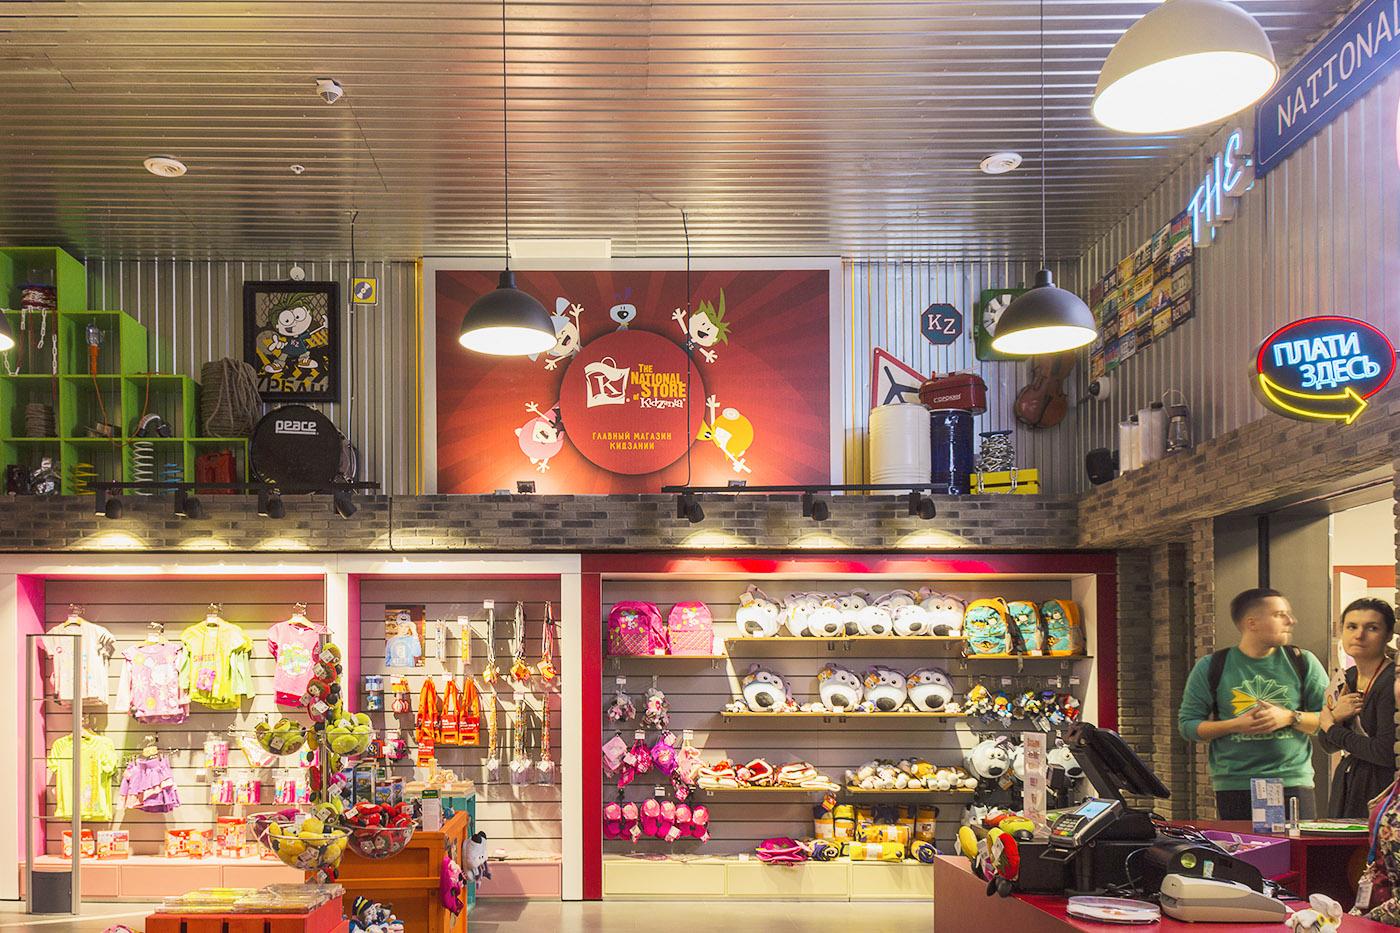 justbenice-kidzania-store-2.jpg